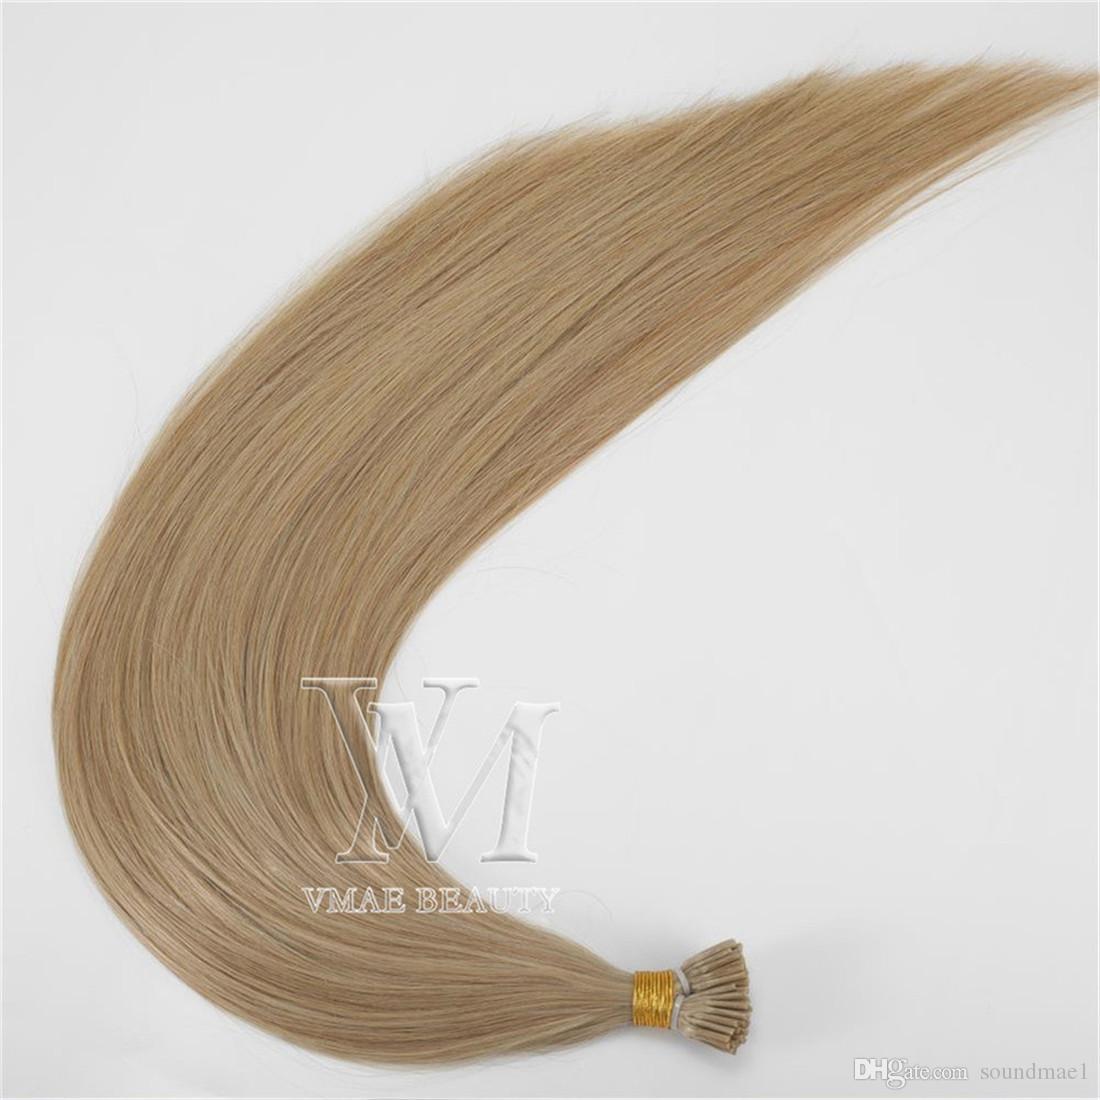 Vente en gros # 27 Drawn unique # 60 Couleur naturelle européenne I-pointe humaine 1 g / brin 50 g précollé Vierge Remy Human Hair Extensions Droit